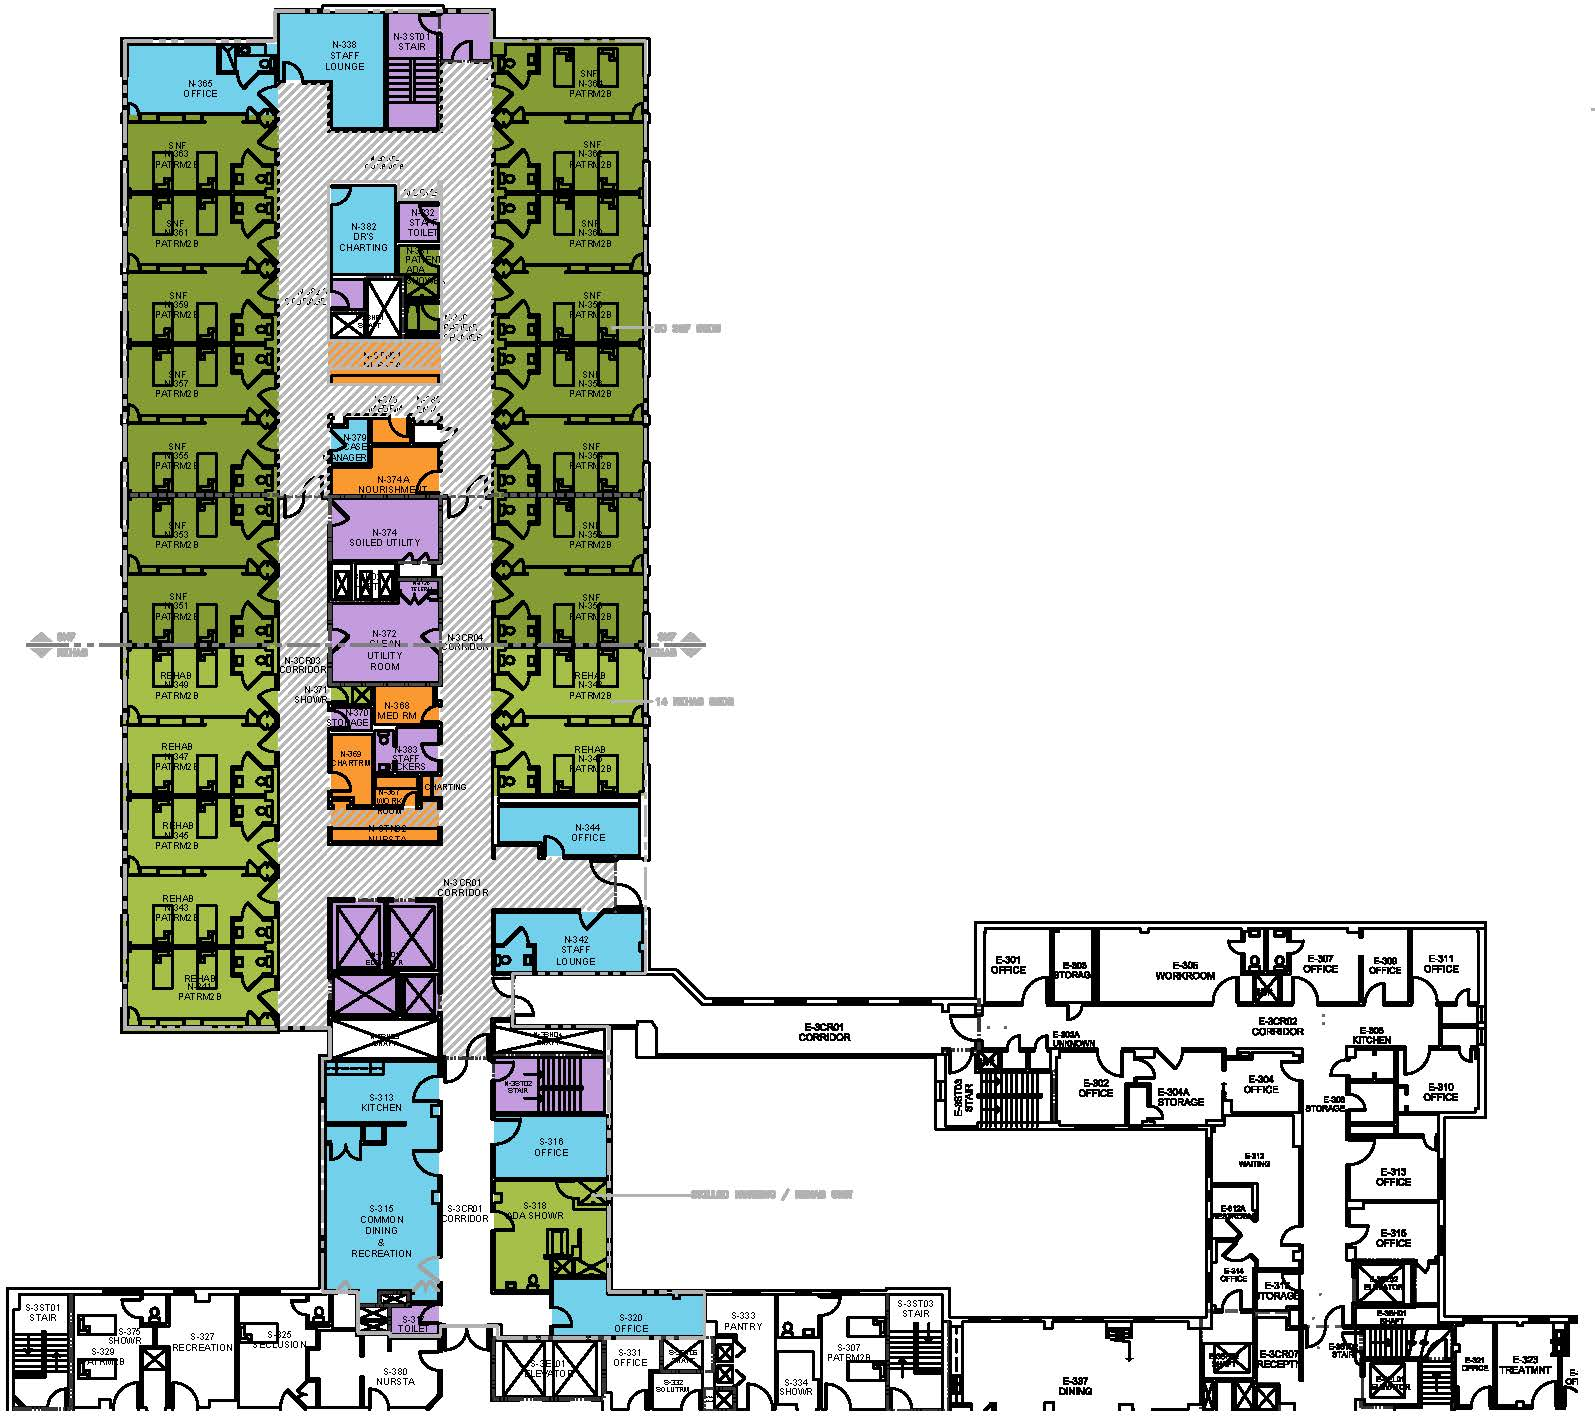 3rd Floor Plan Sheet-30x42.jpg